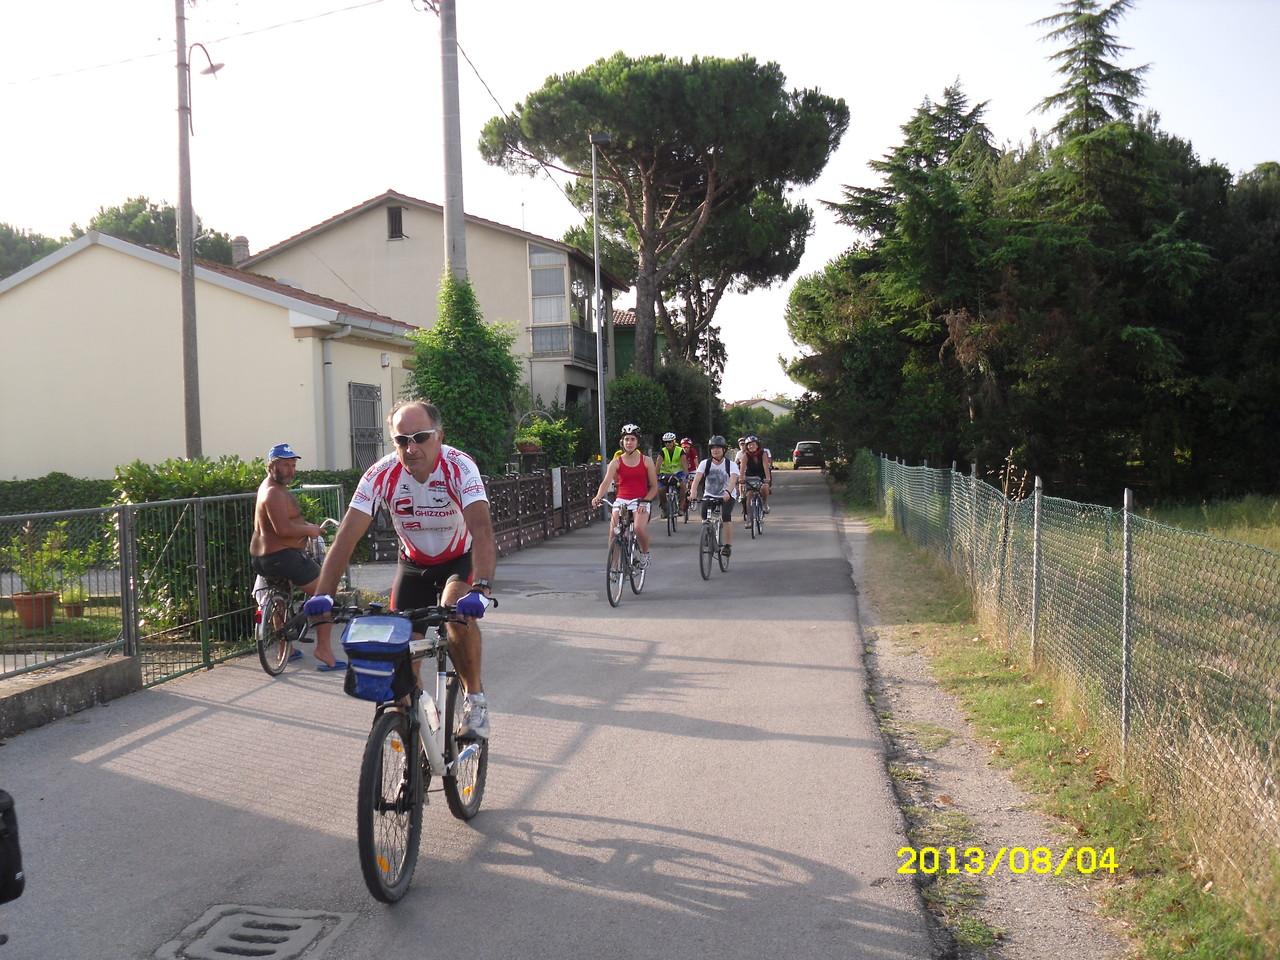 partenza dall'Osteria del Ciclista di Classe Fuori (RA)